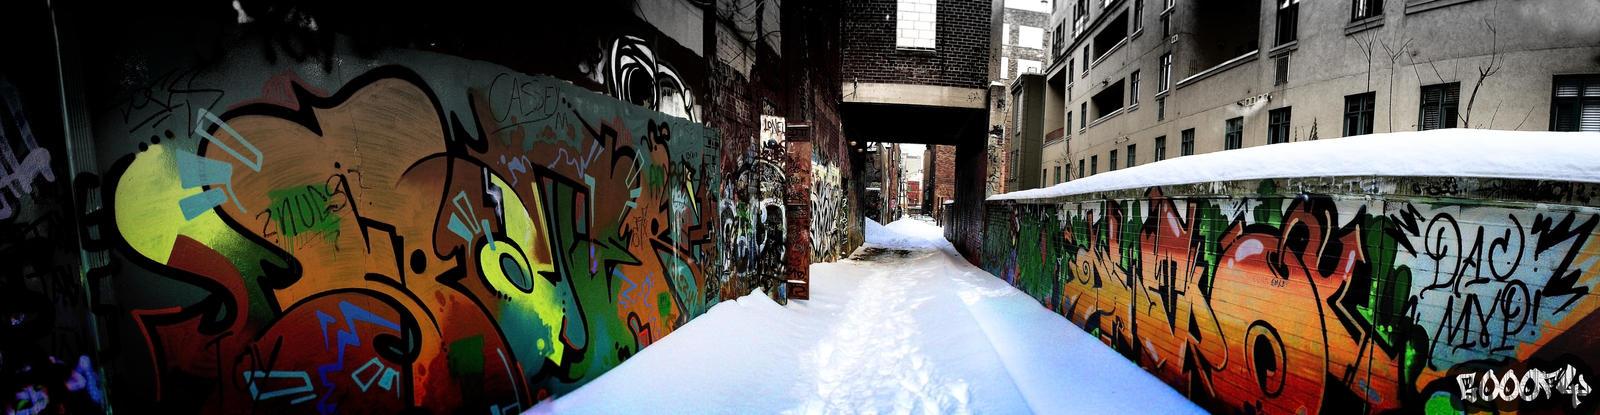 Frozen-Alley